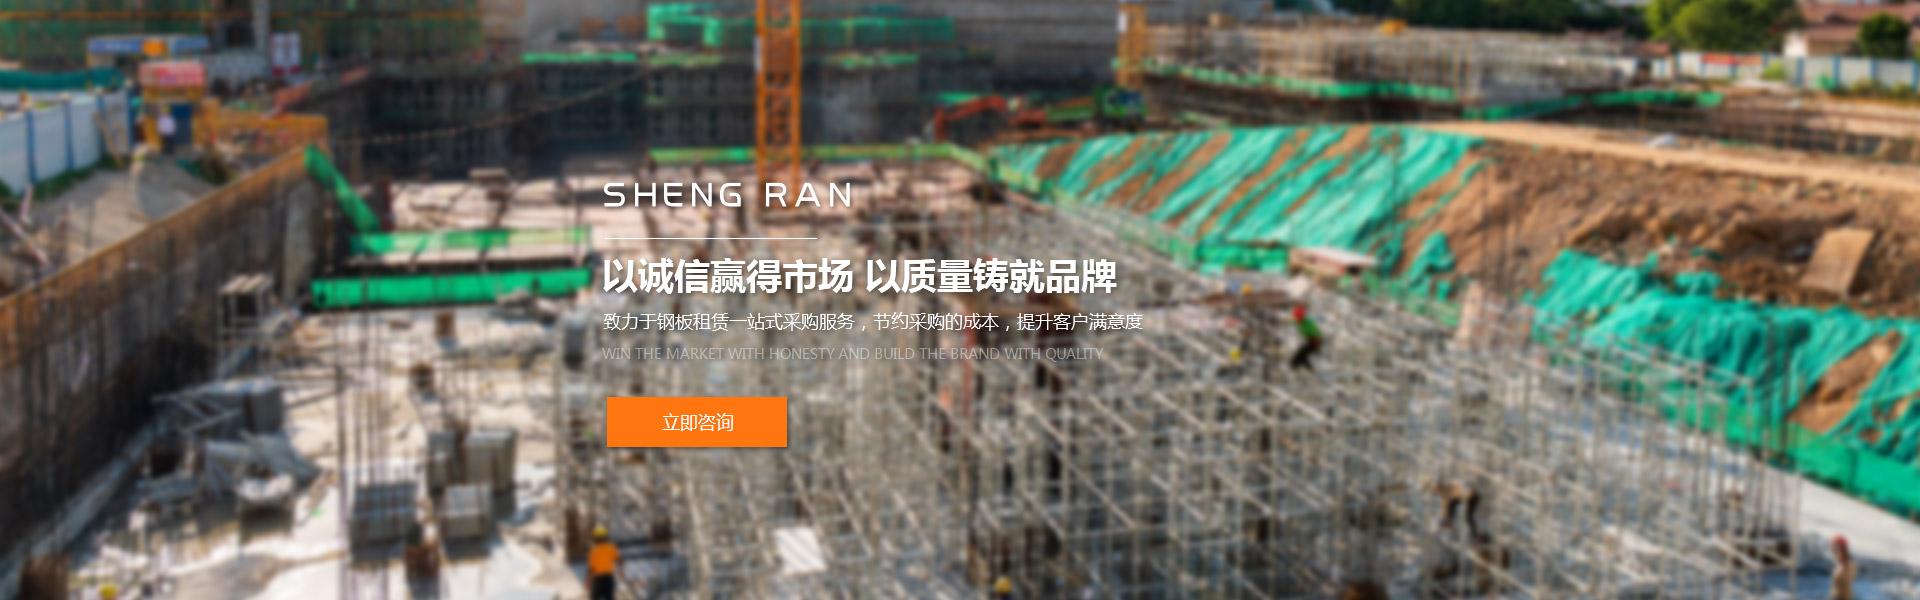 郑州铺路钢板出租